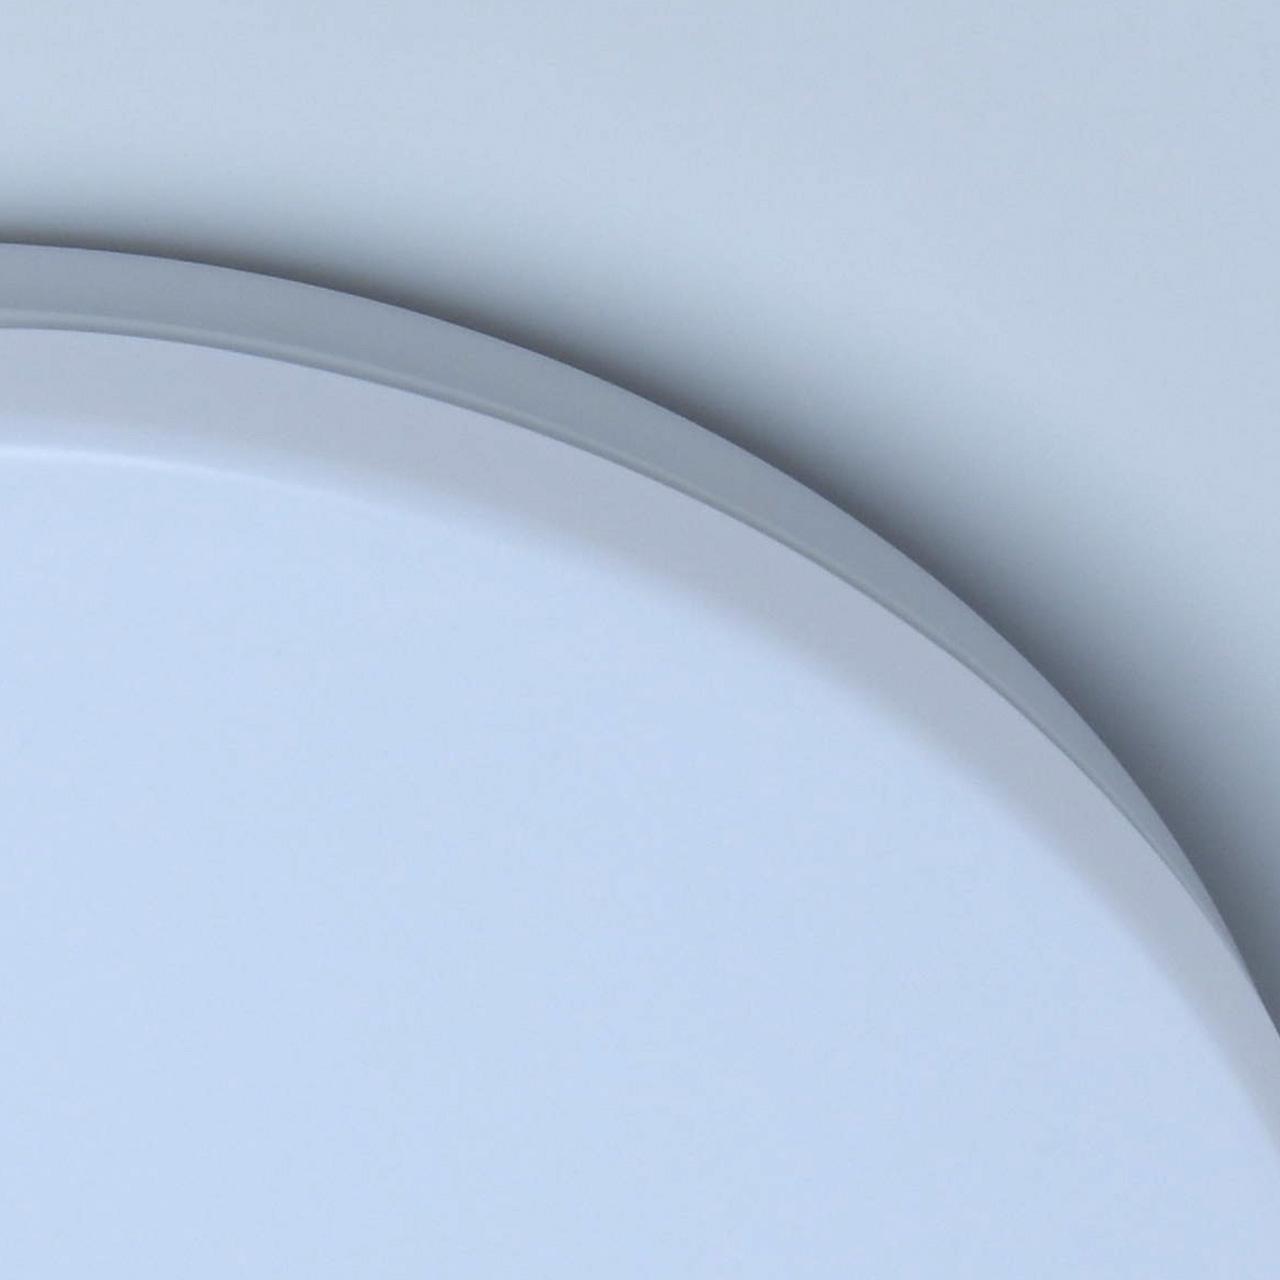 Потолочный светодиодный светильник De Markt Ривз 674017401, LED 14W 3000K (теплый), белый, металл, пластик - фото 4